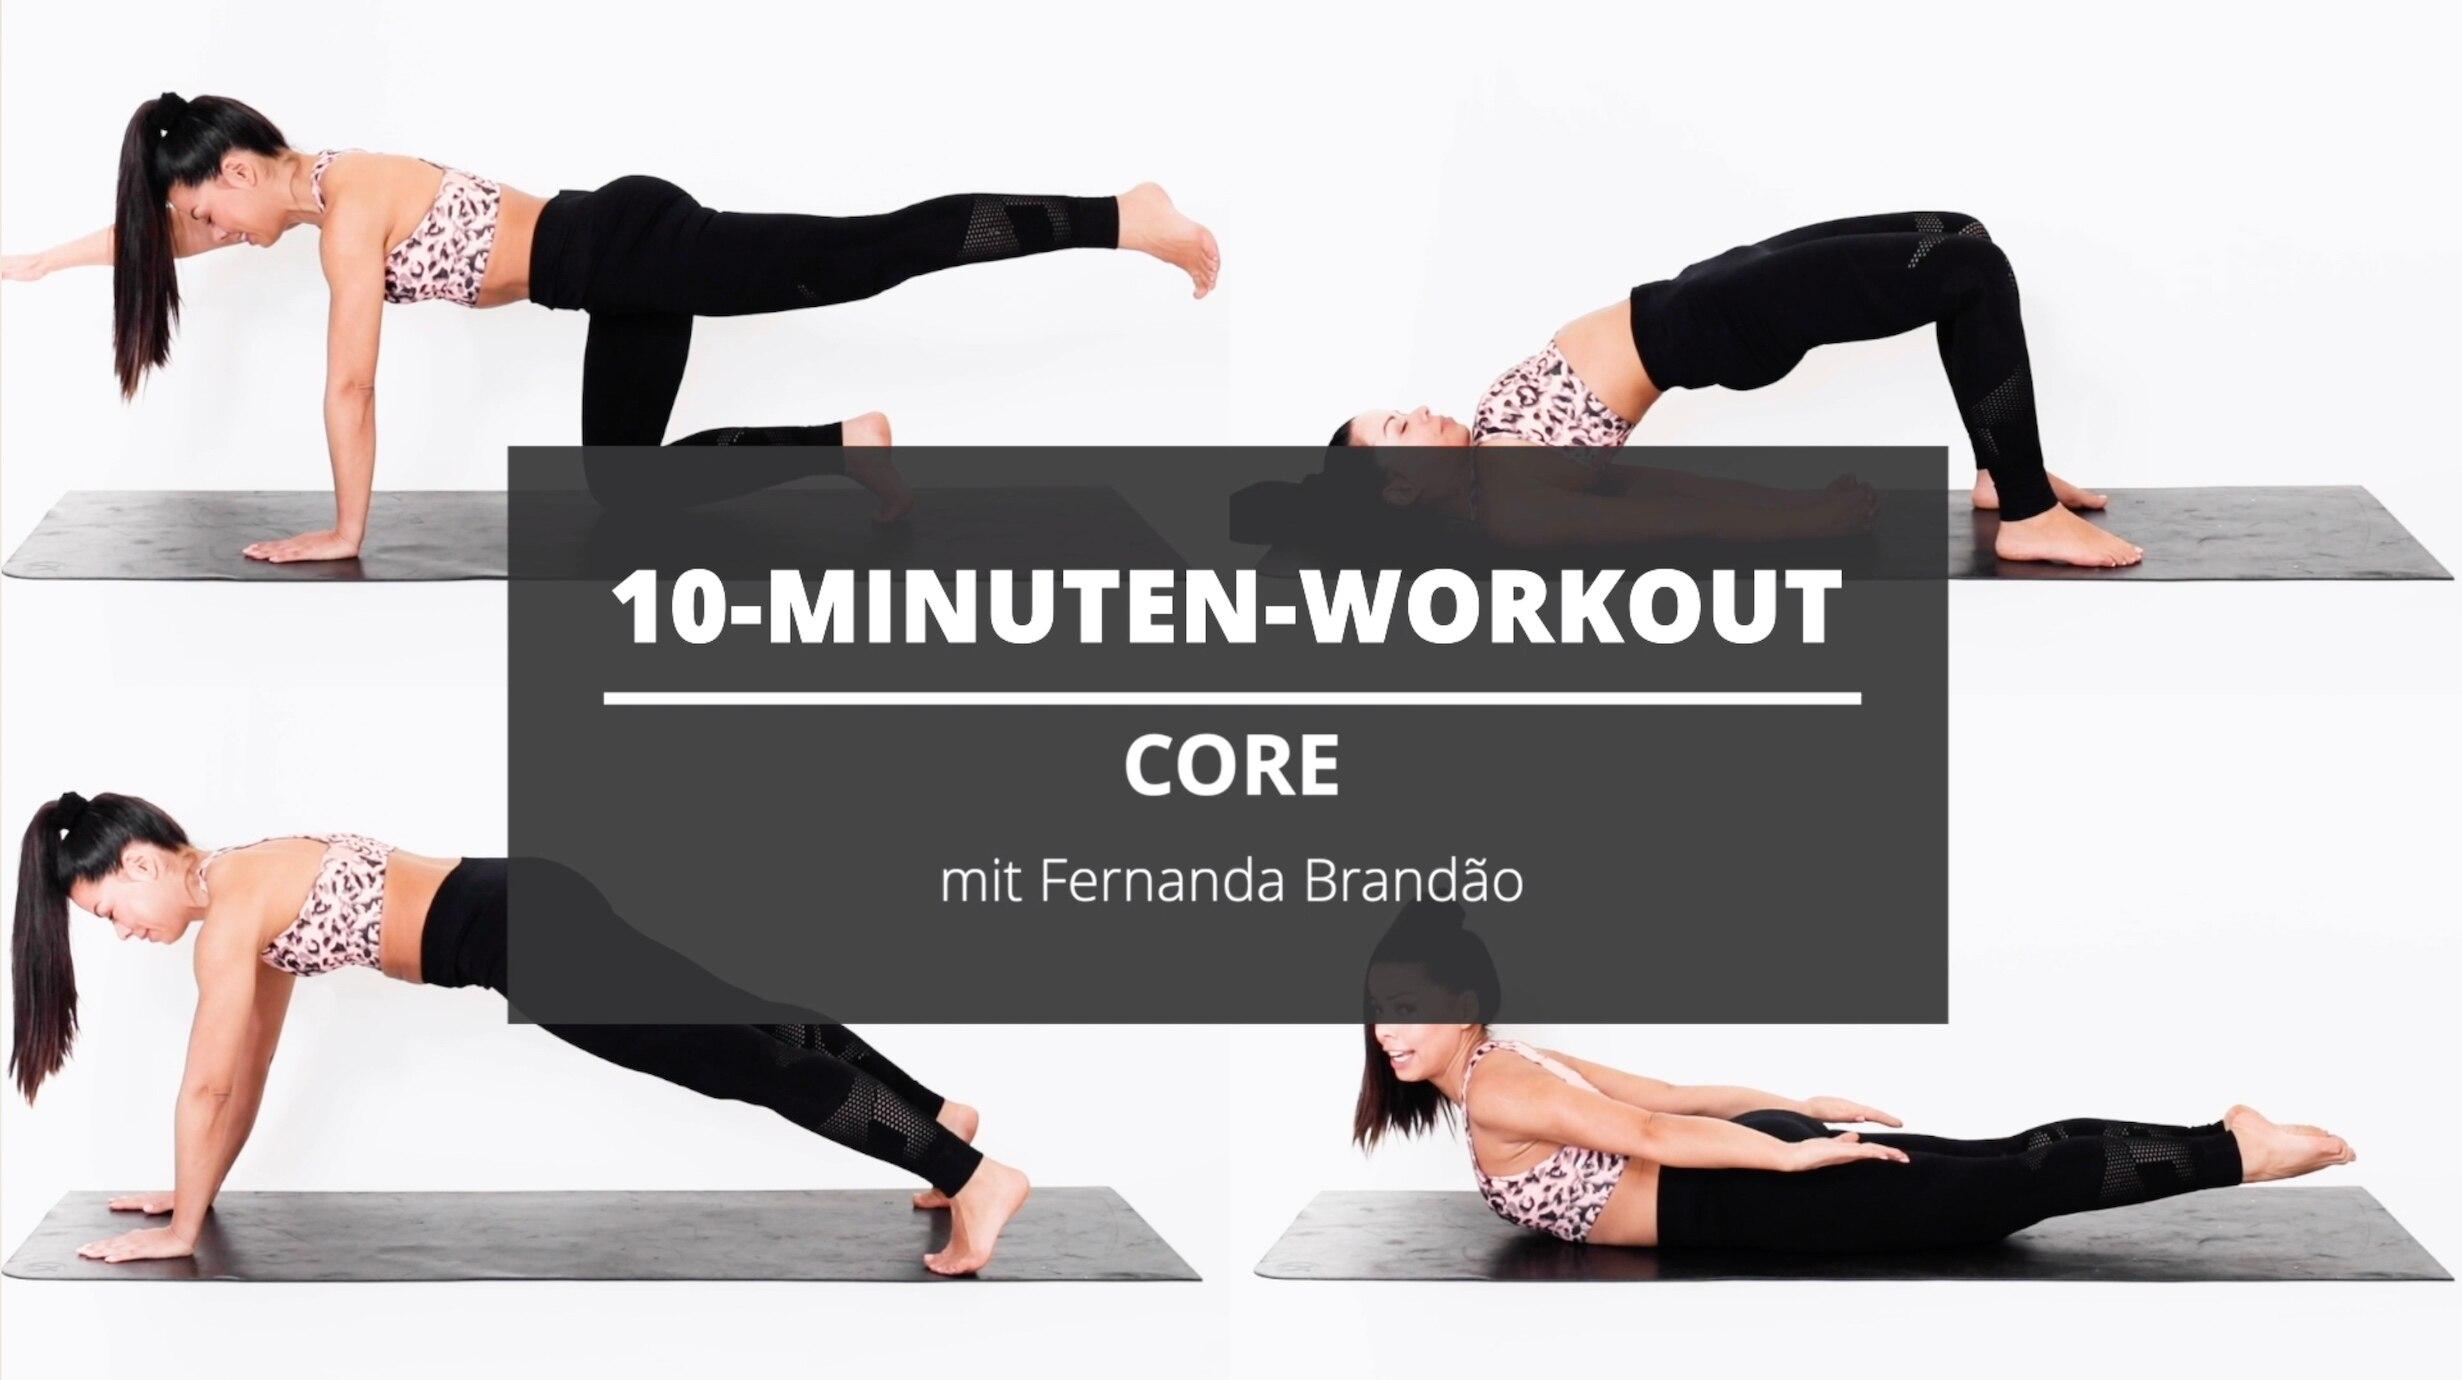 10-Minuten-Workout: Core-Training mit Yoga- und Pilates-Elementen